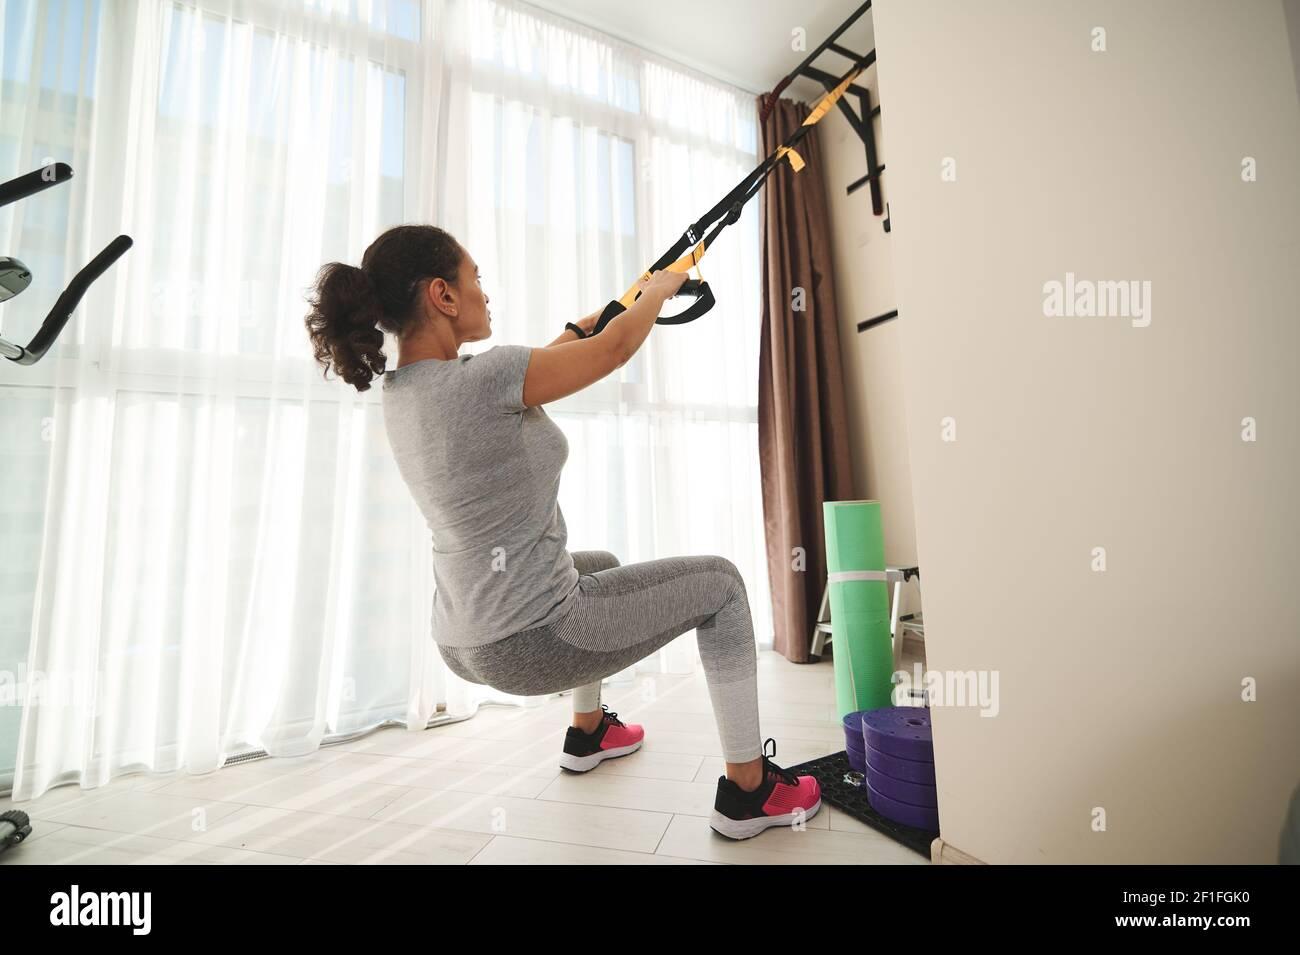 Une jeune fille sportive effectuant un entraînement de suspension avec des sangles de fitness à la maison. Ajuster les muscles des jambes de la femme. Concept de style de vie sain et minceur Banque D'Images